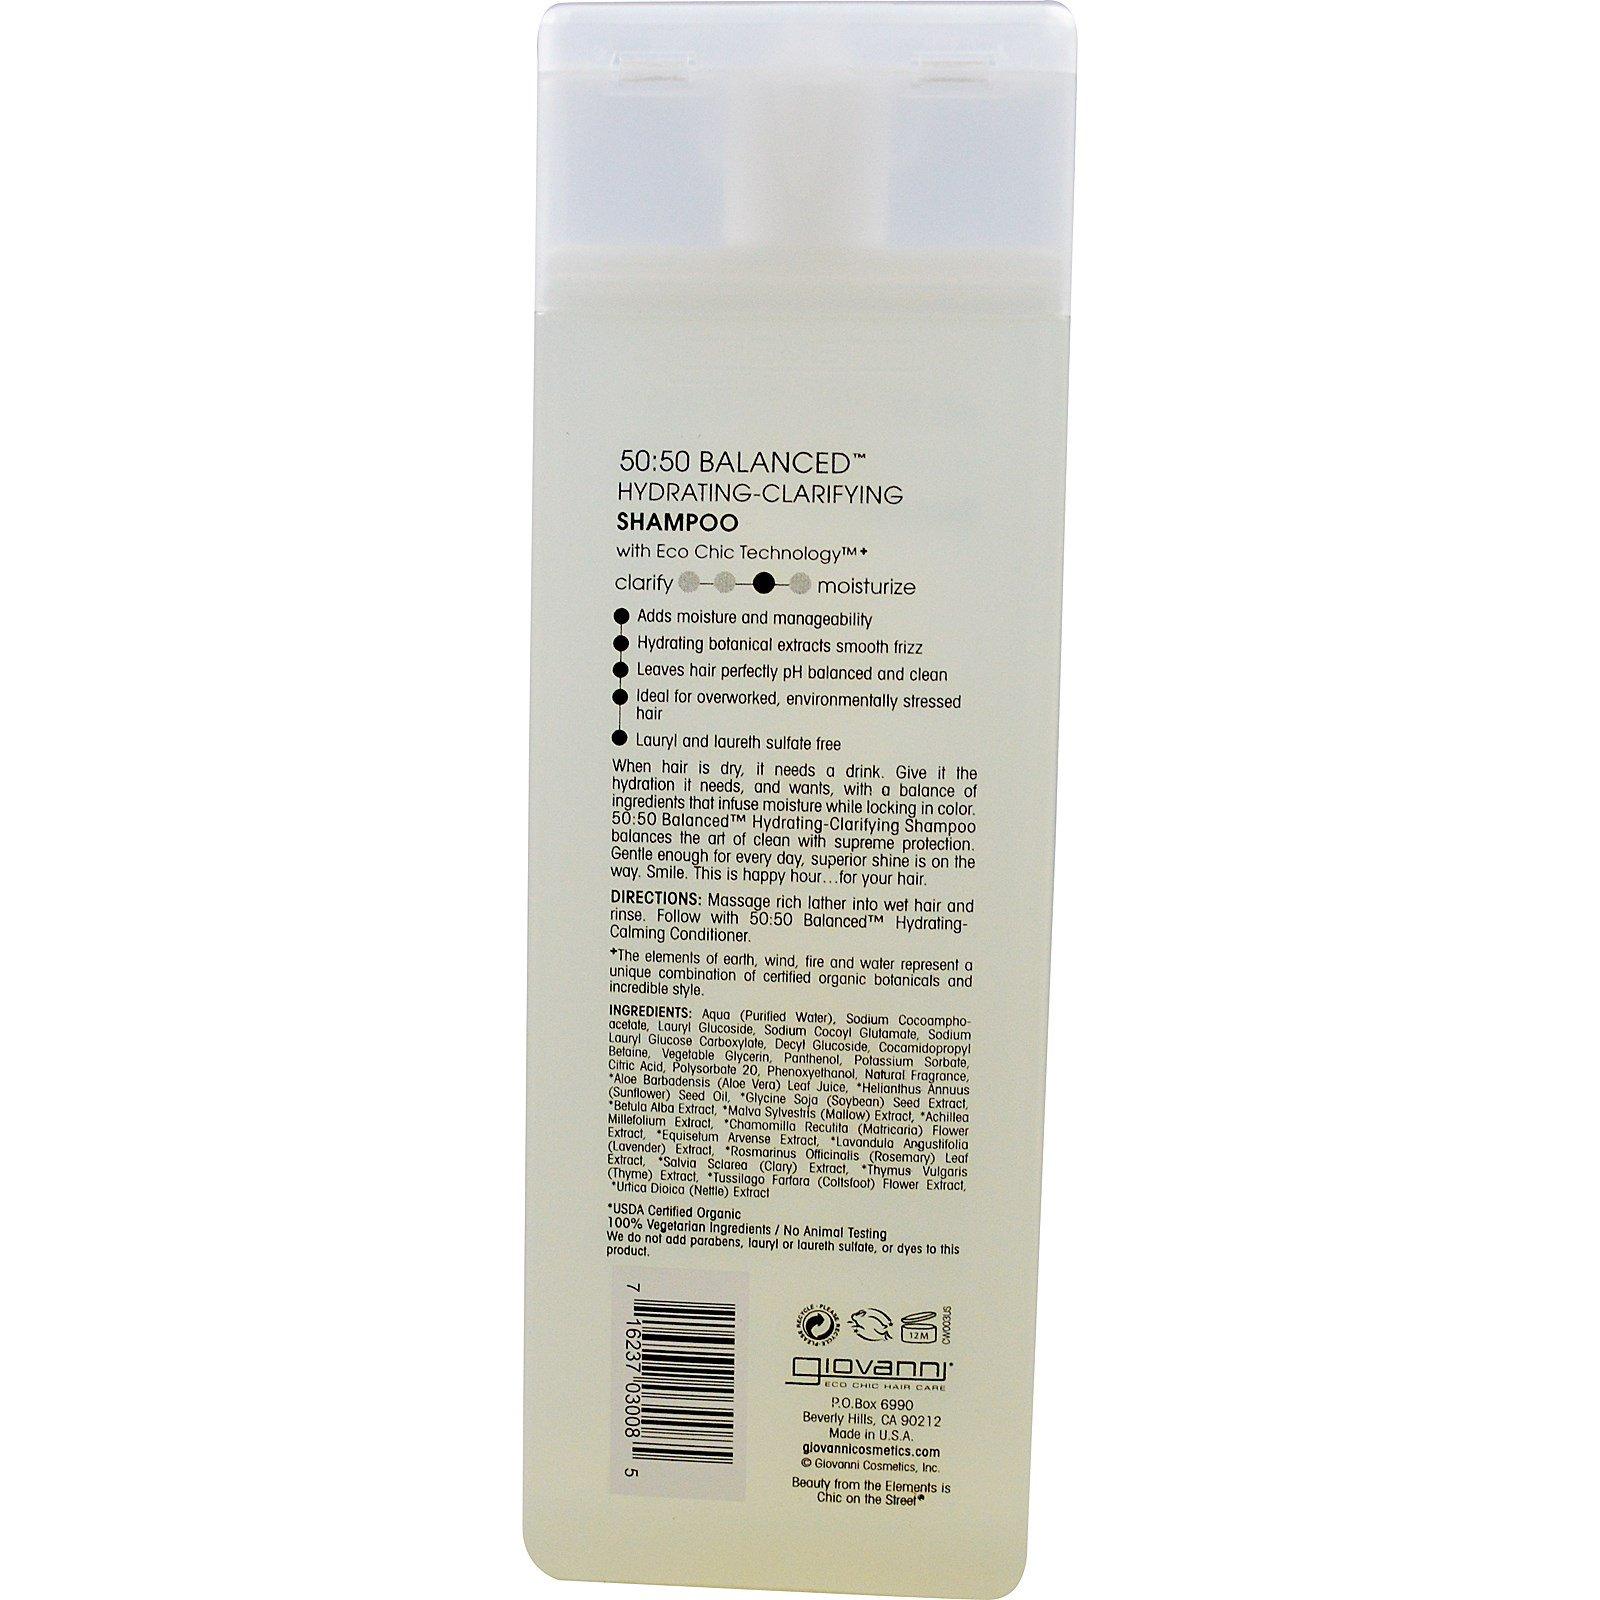 f1b73d42493f Giovanni, 50:50 Balanced Hydrating-Clarifying Shampoo, 8.5 fl oz (250 ml)